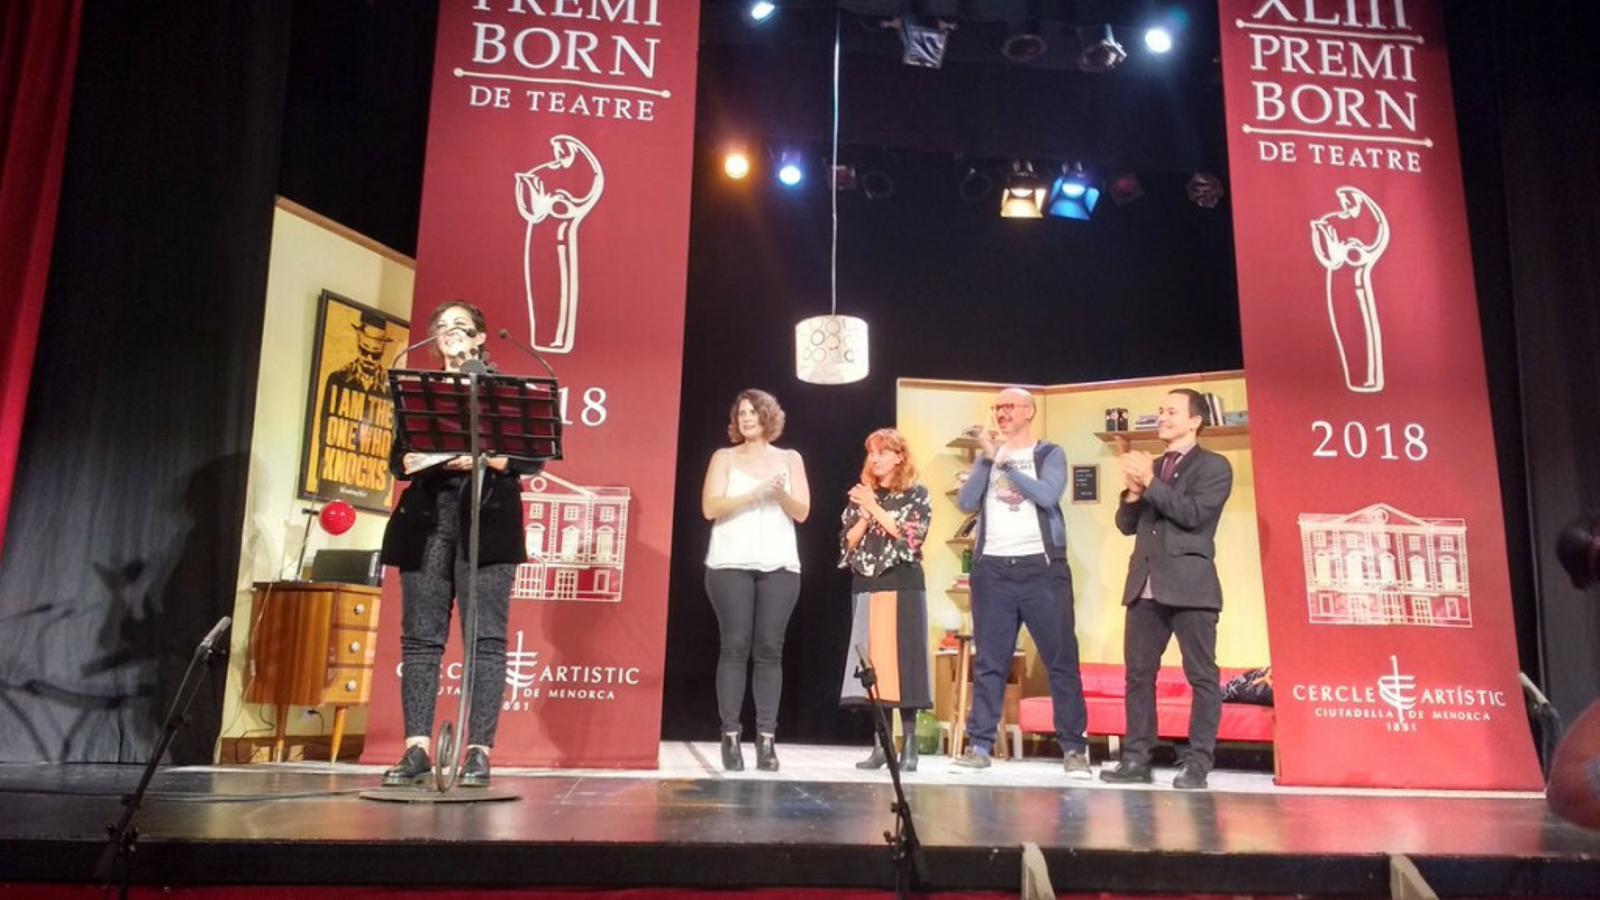 L'acte de lliurament del Premi 2019 tindrà lloc a les 21 hores de dissabte al Teatre de Ciutadella.